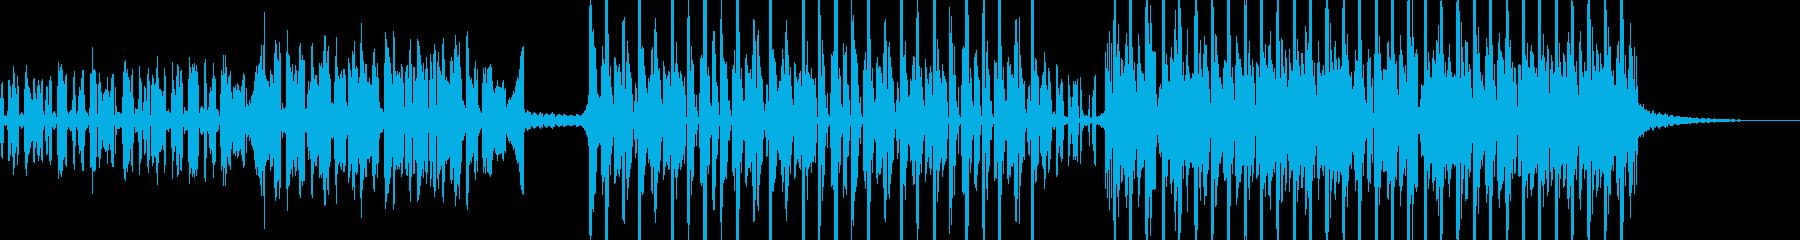 世界バルカン研究所エレクトロシンセ...の再生済みの波形